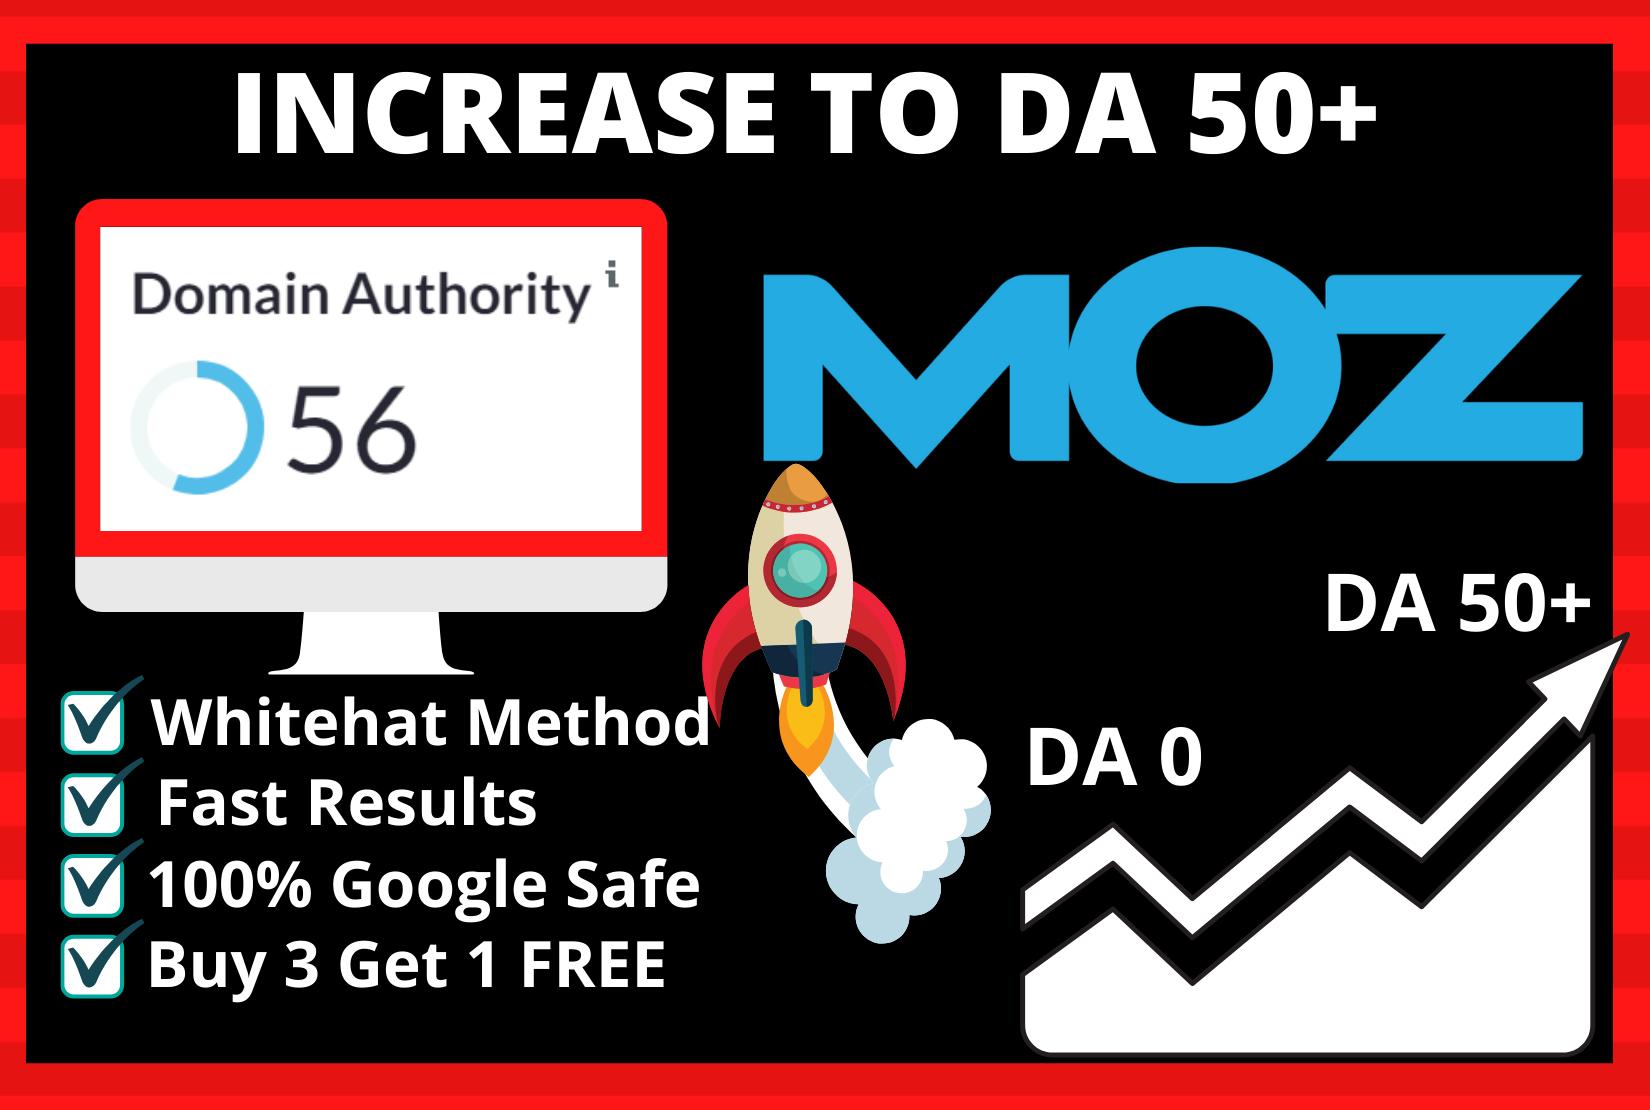 Whitehat Method - Will Boost Website DA 50+In 14 days